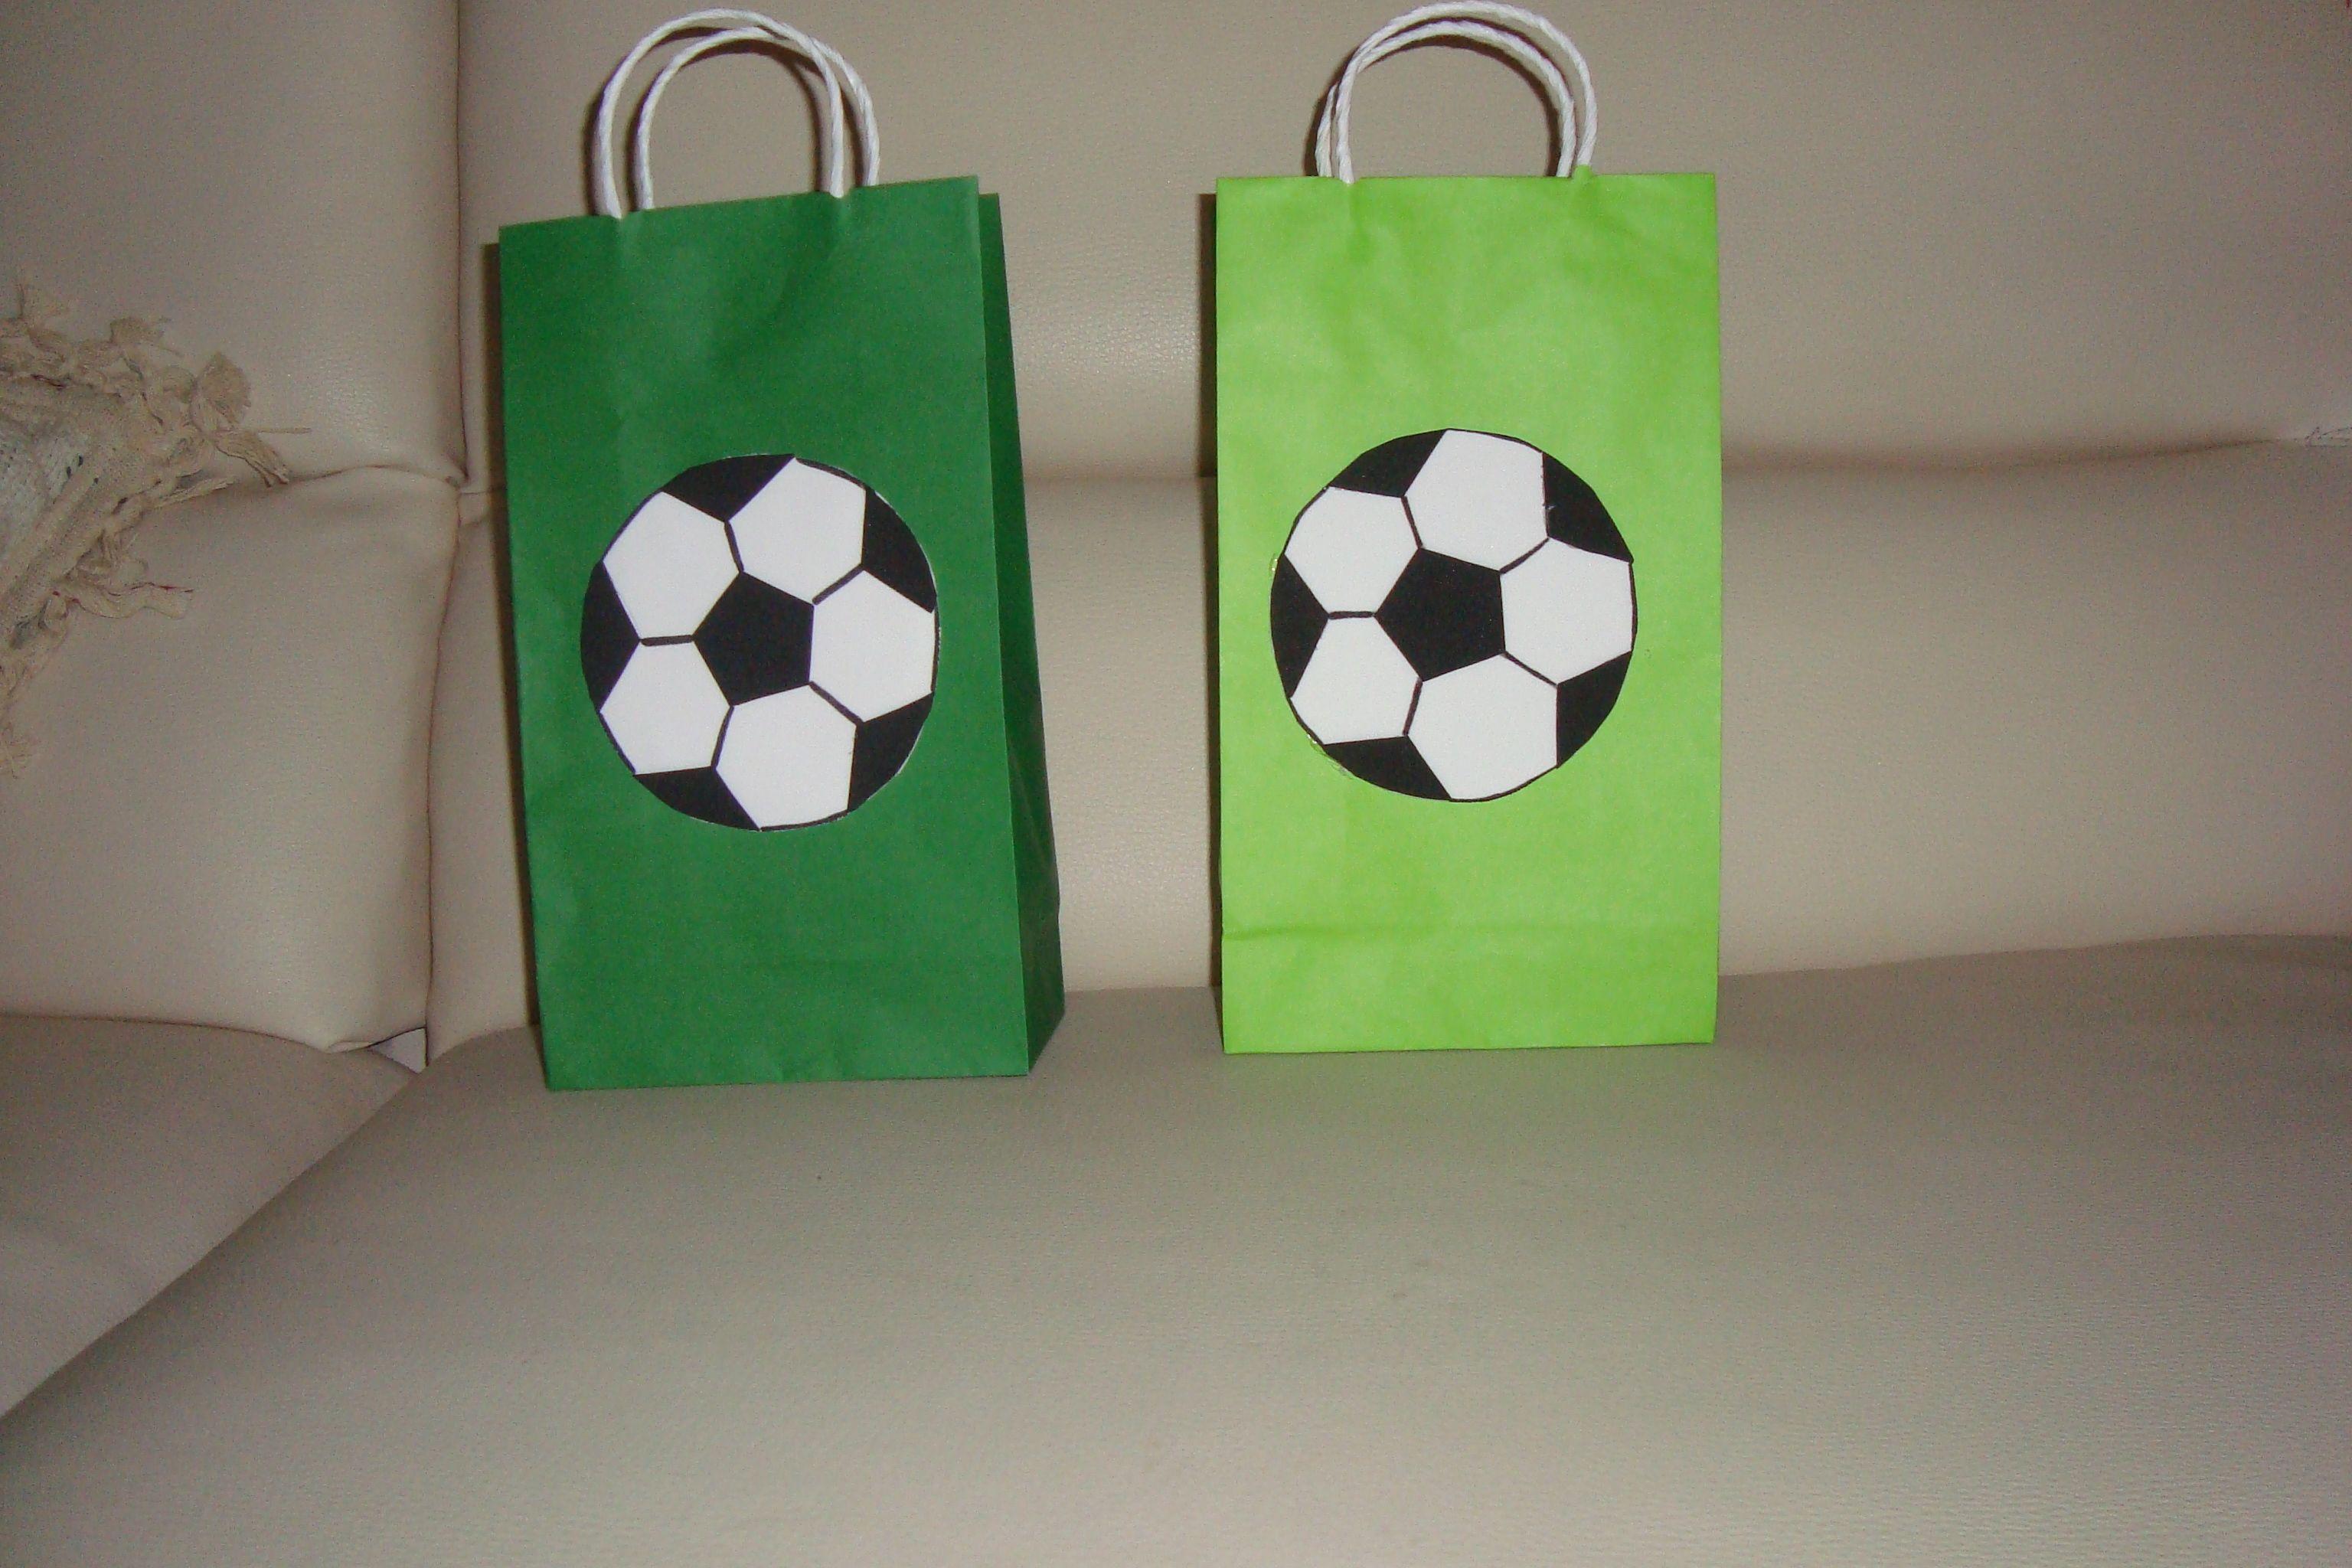 Bolsitas Futbol Bolsas De Dulces 65a716cce86e9